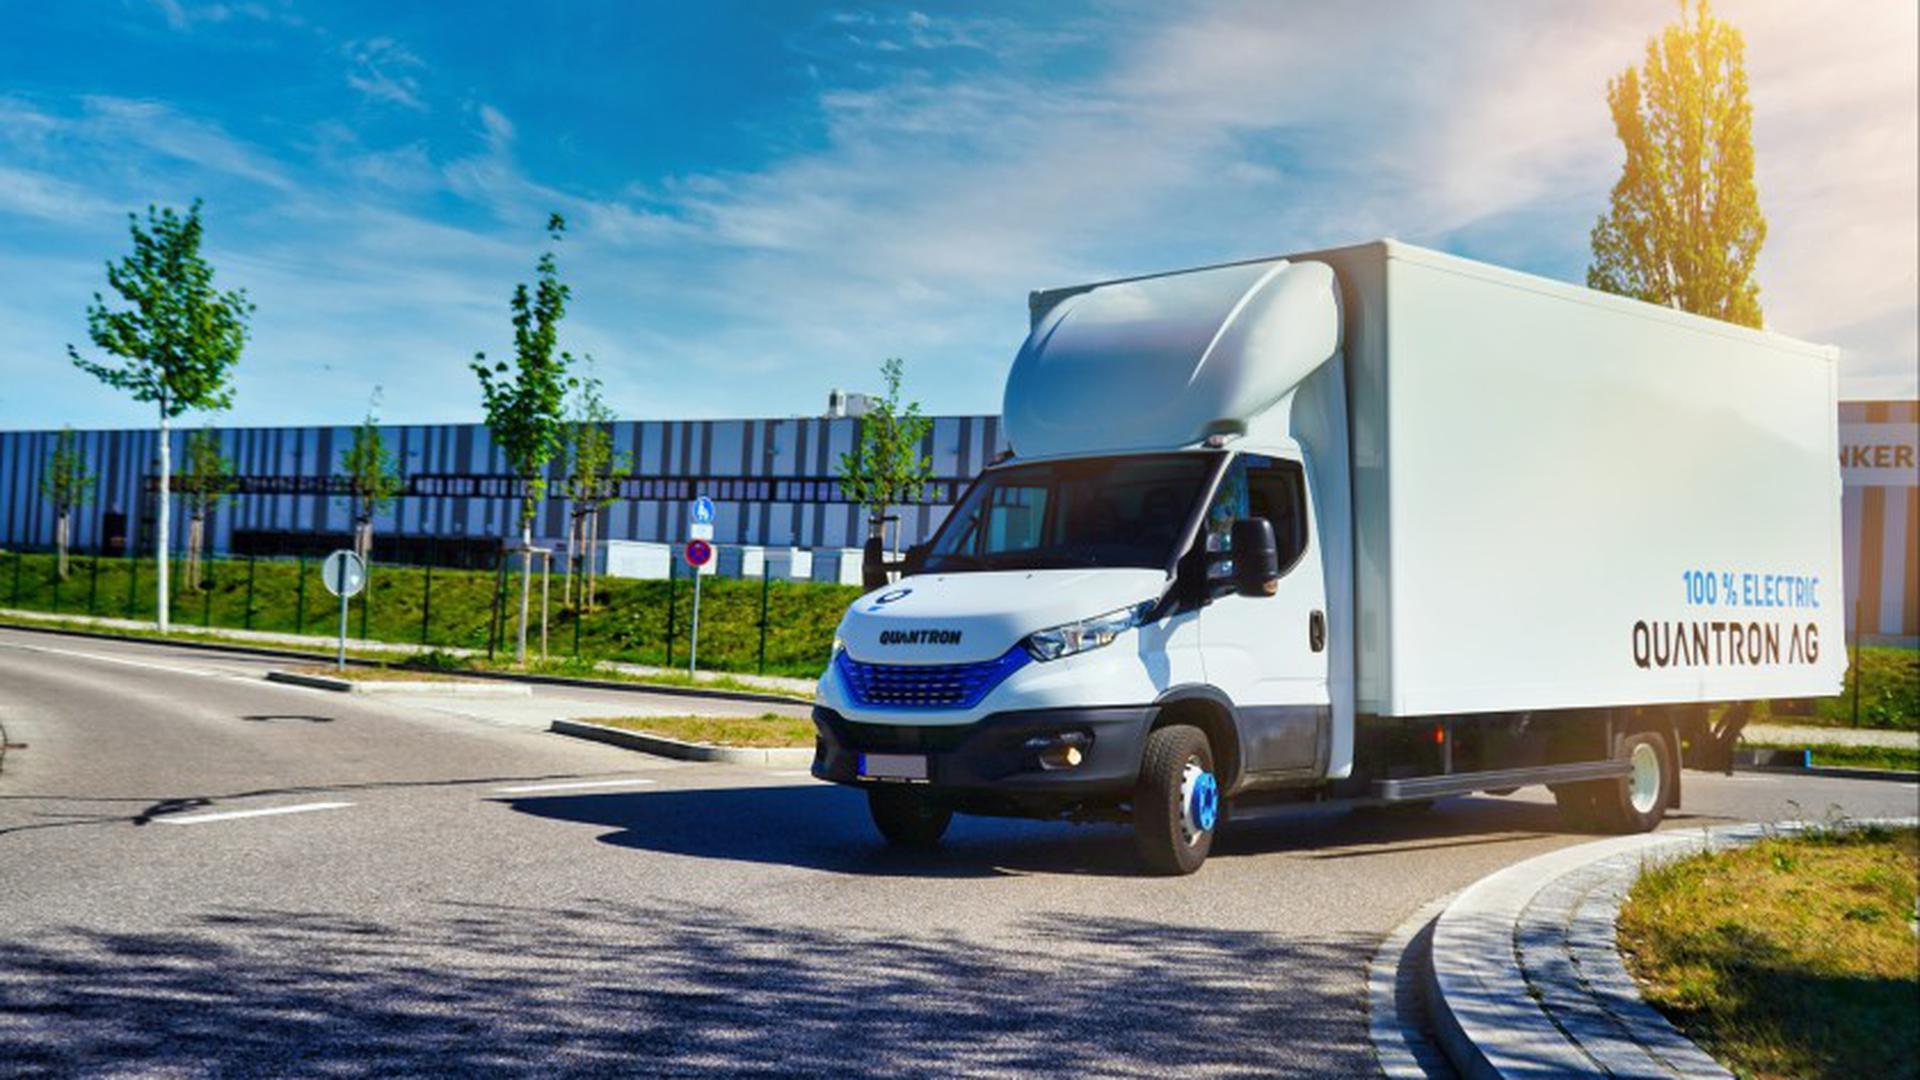 Wasserstoff-Brennstoffzellen-Transporter der Quantron AG